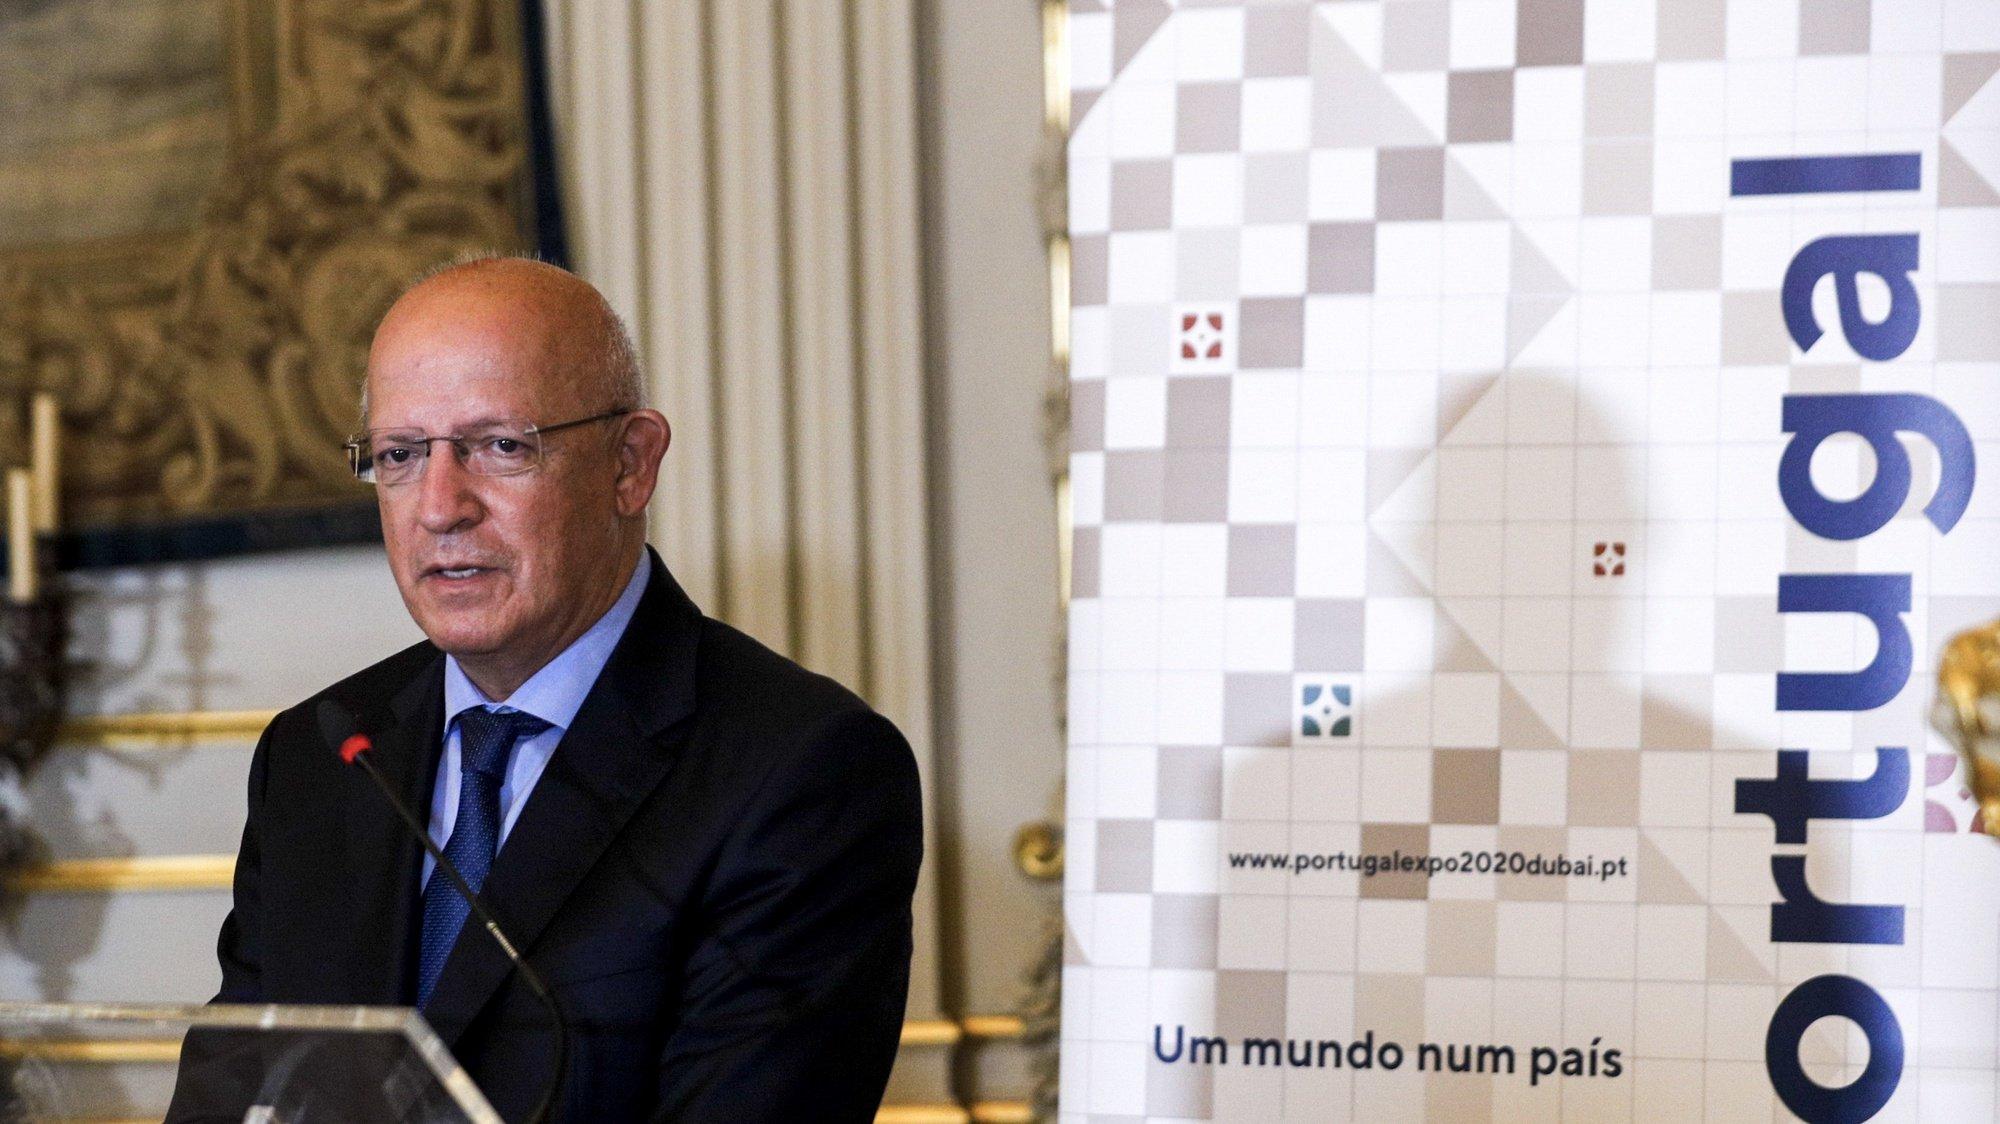 O ministro de Estado e dos Negócios Estrangeiros, Augusto Santos Silva, intervem durante a cerimónia de apresentação da programação portuguesa na Expo 2020 Dubai, Lisboa, 27 de setembro de 2021. ANTÓNIO COTRIM/LUSA